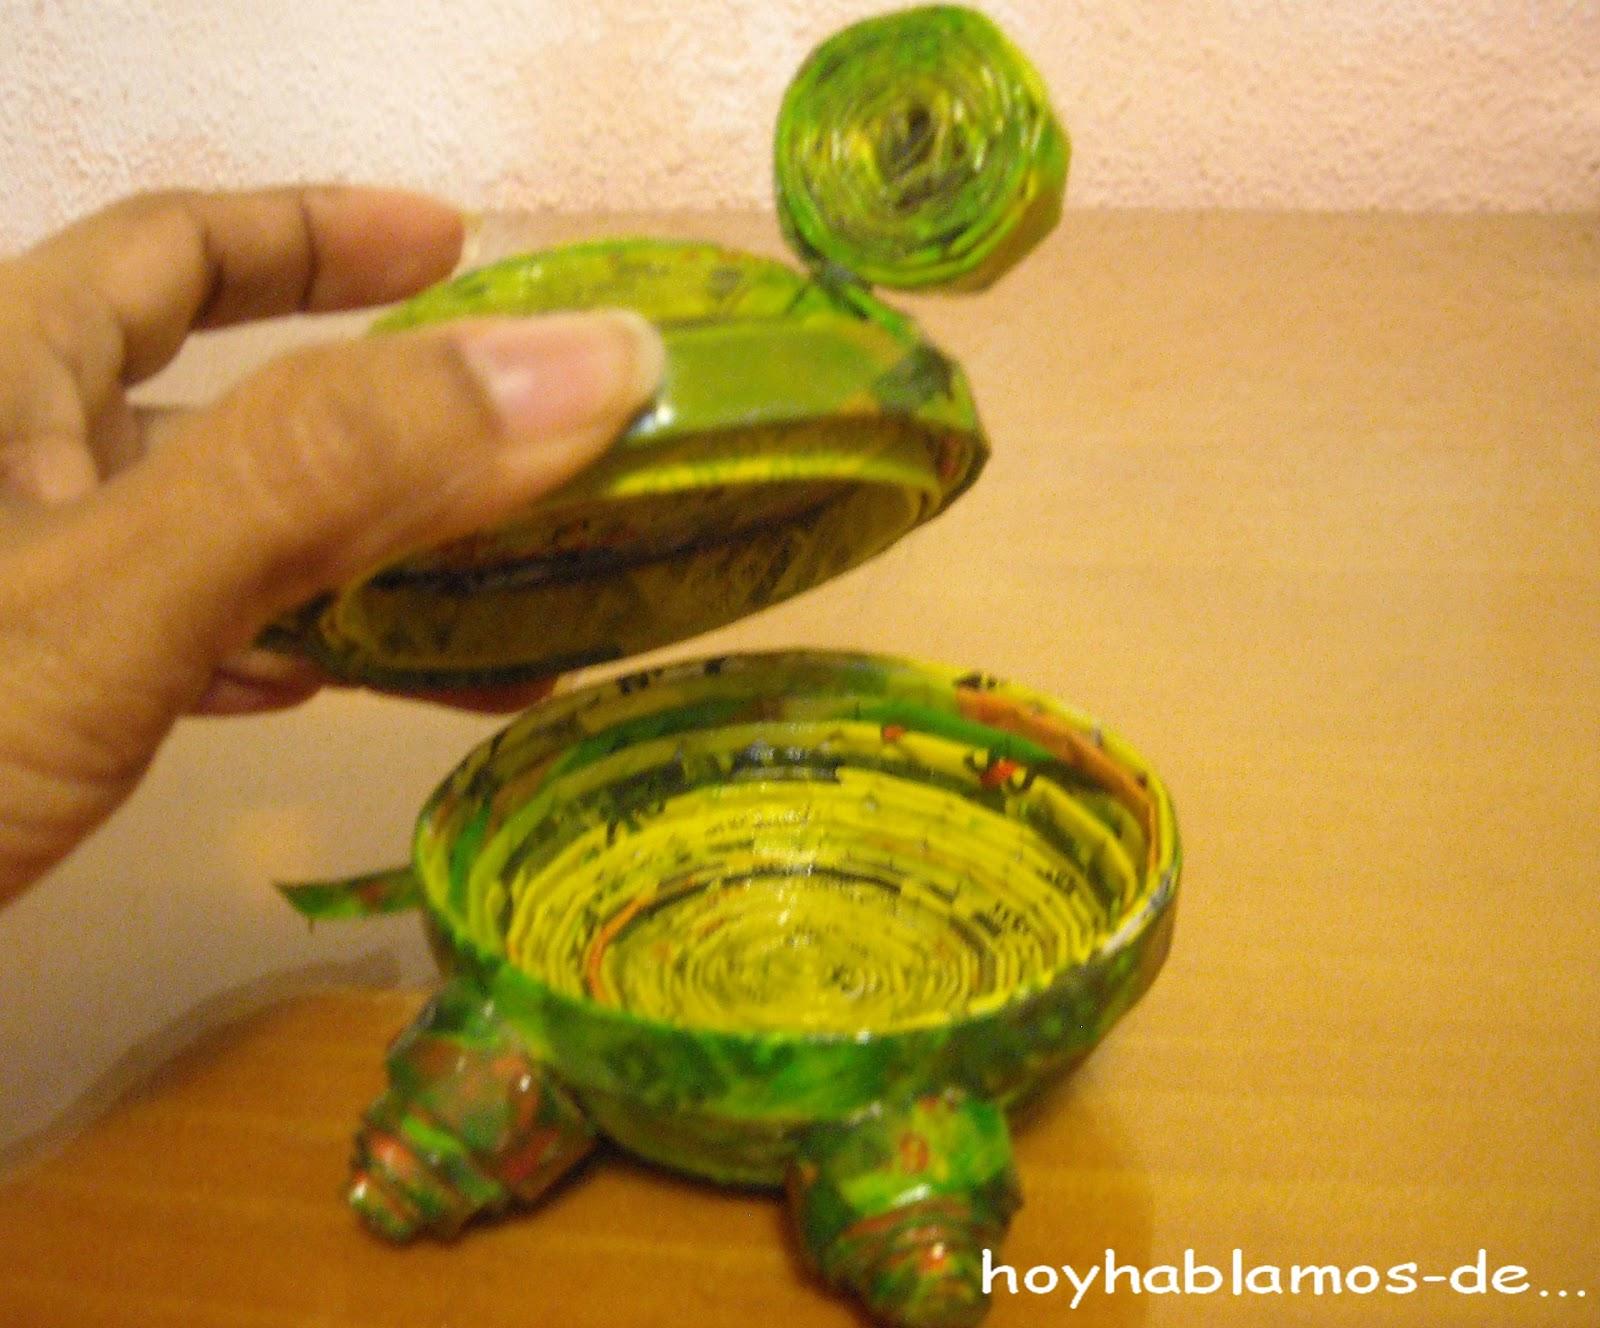 Hoy hablamos de joyero tortuga en papel de peri dico - Manualidades de papel periodico faciles ...